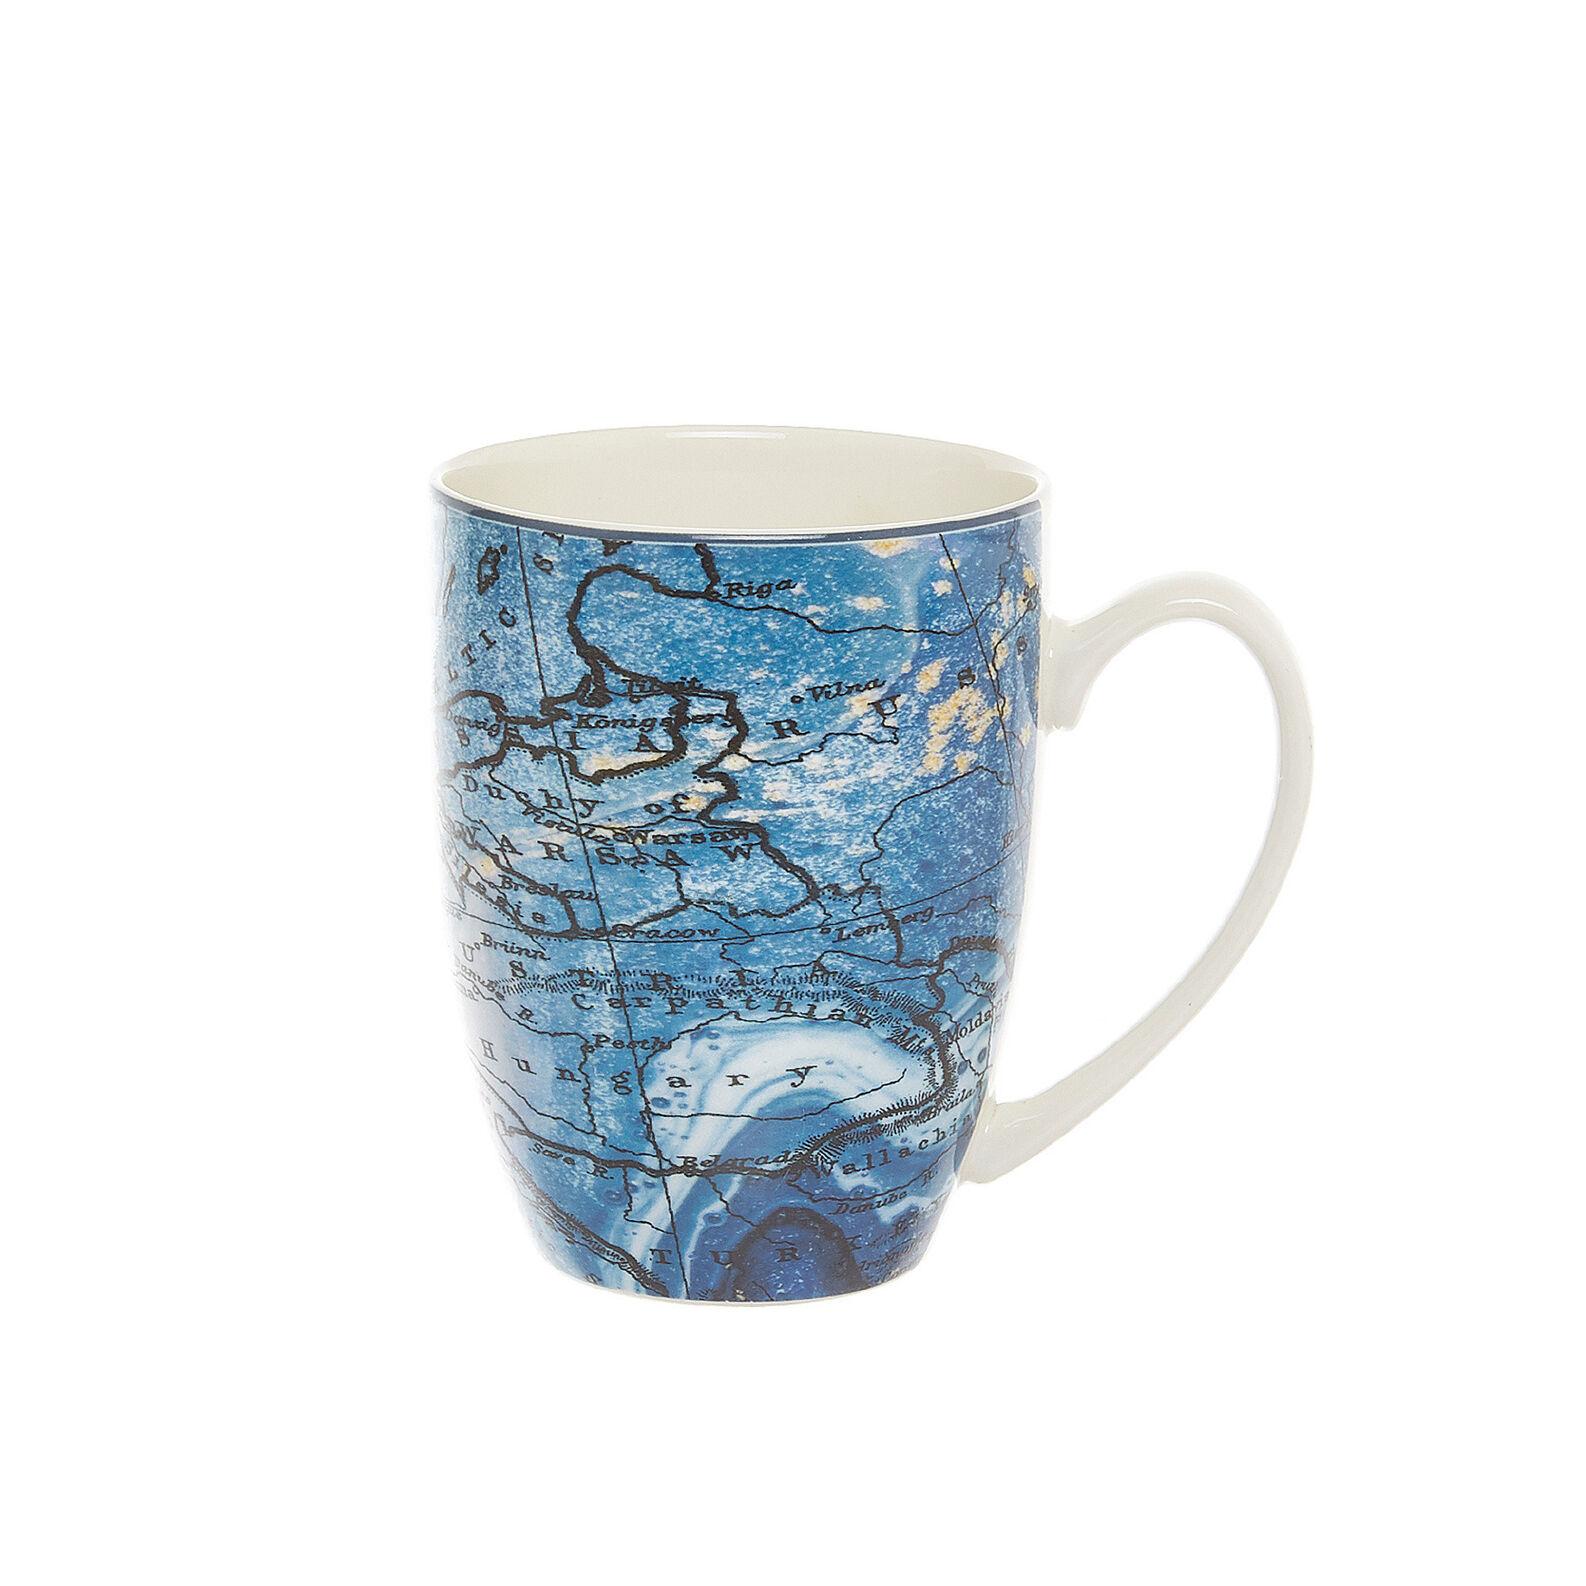 Mug new bone china decoro mondo